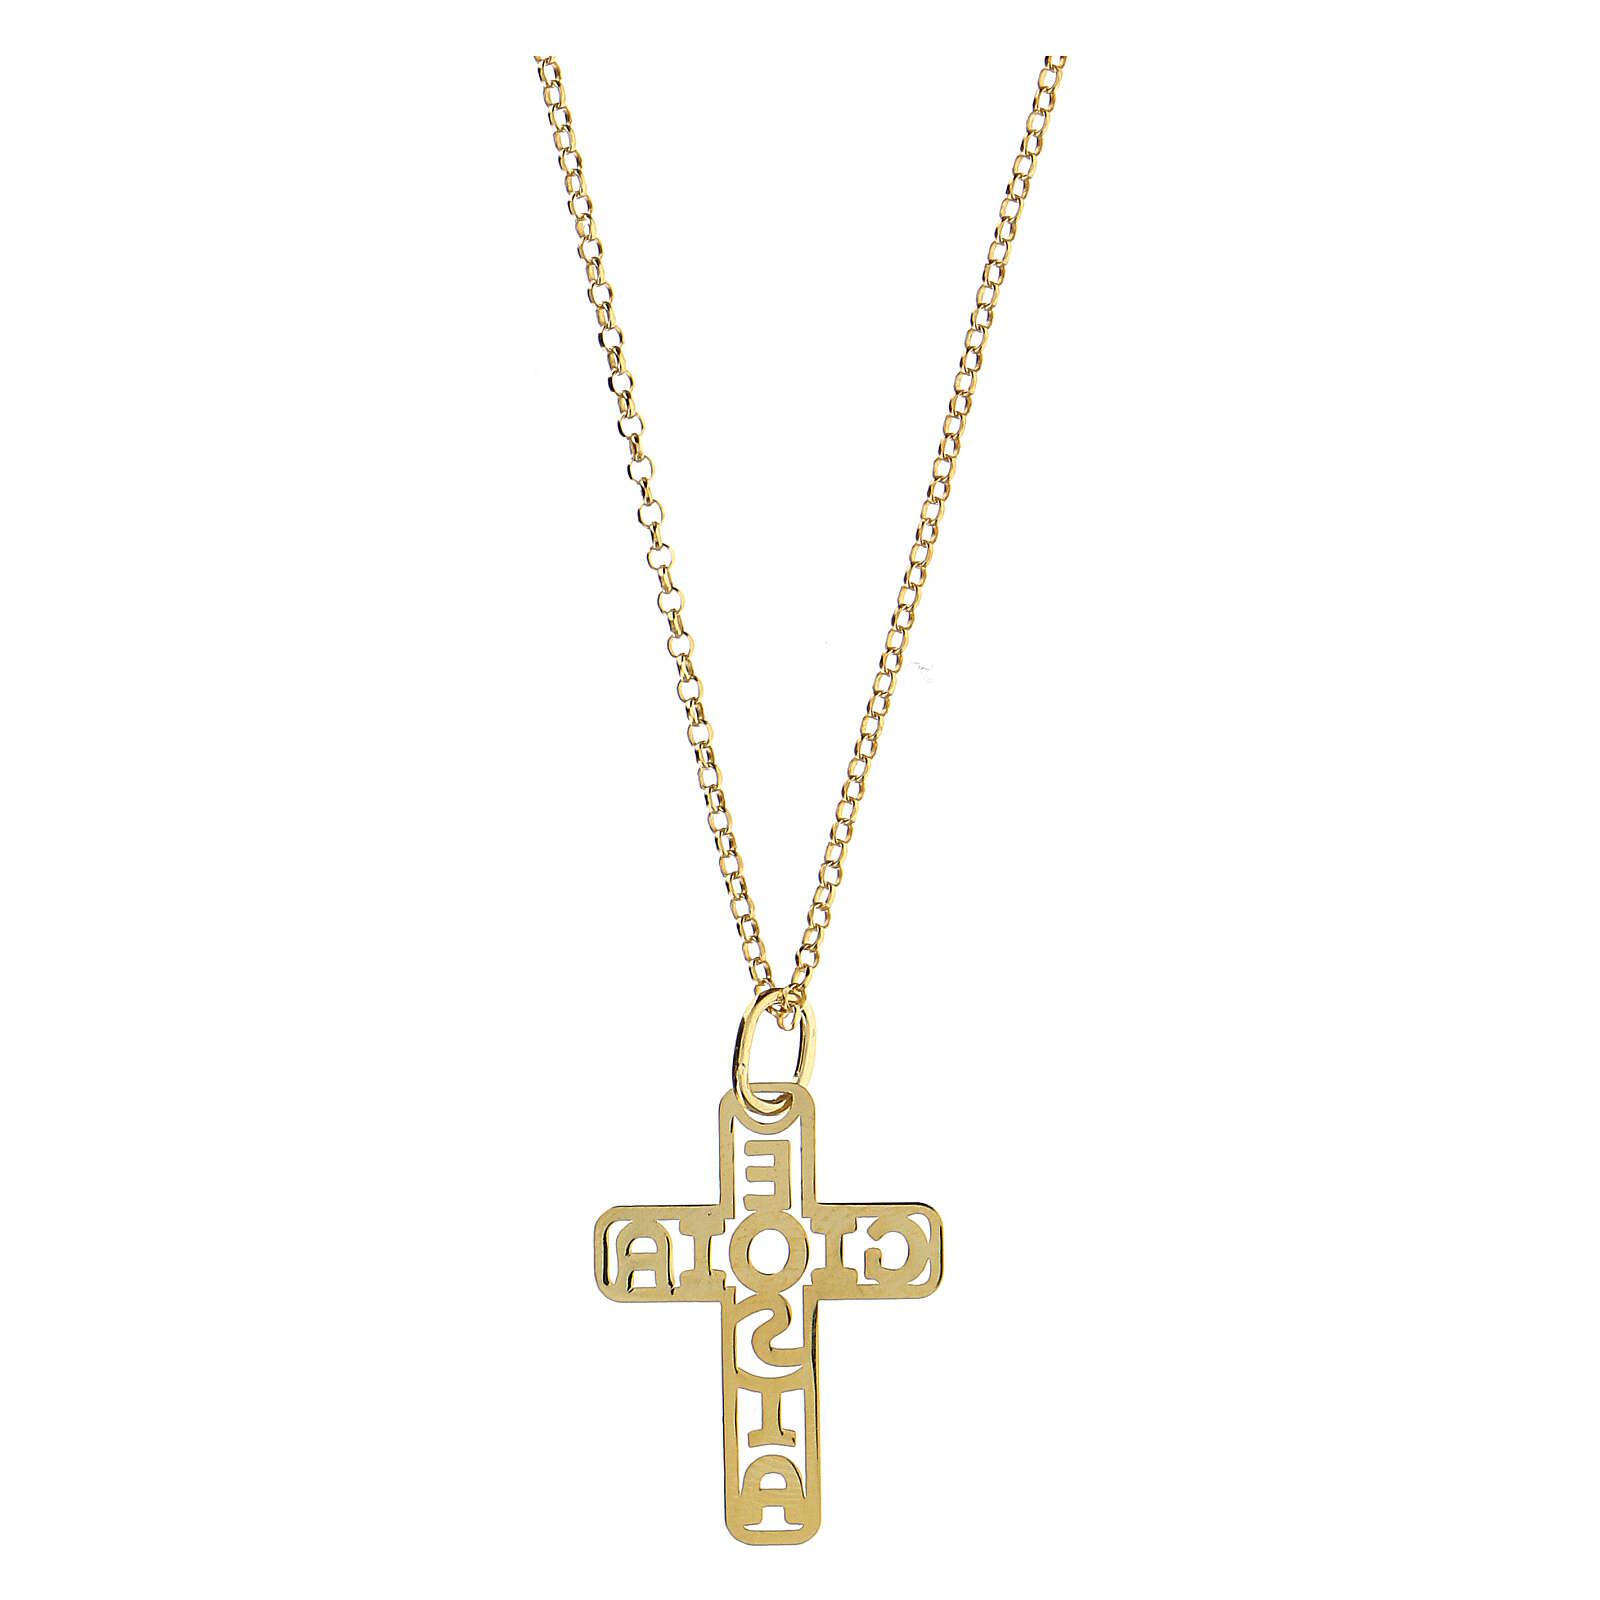 Croce argento 925 dorato E Gioia Sia fondo traforato grande 4